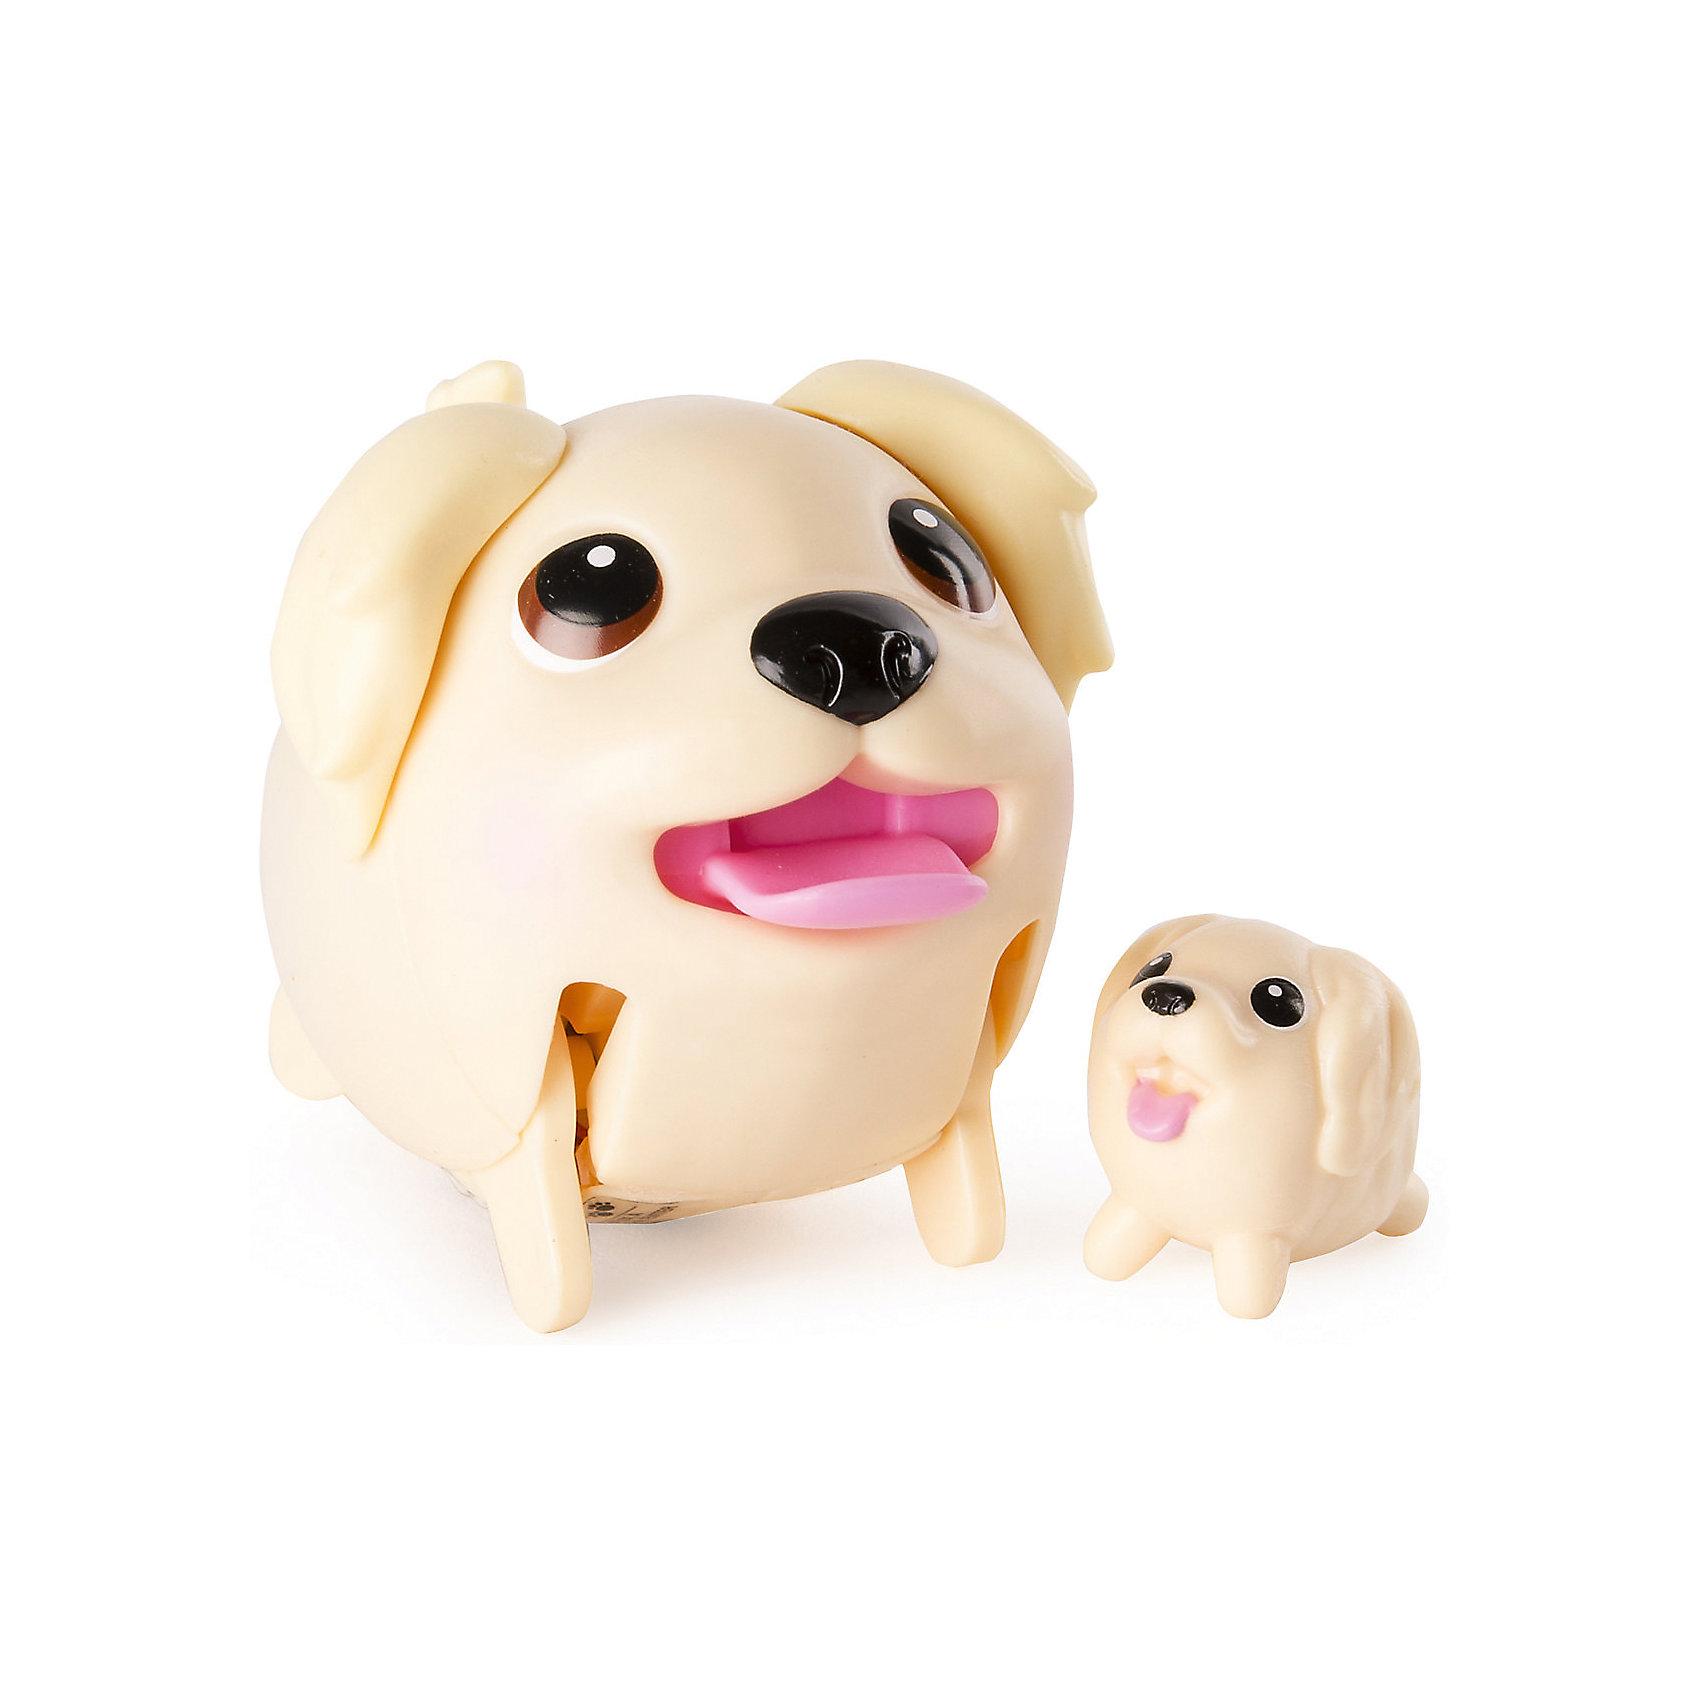 Коллекционная фигурка Пекинес, Chubby PuppiesФигурки из мультфильмов<br>Характеристики товара:<br><br>- цвет: разноцветный;<br>- материал: пластик;<br>- размер упаковки: 15х8х11 см;<br>- вес: 200 г;<br>- комплектация: большая и маленькая фигурки. <br><br>Игрушки от бренда Chubby Puppies - это симпатичные собачки, которые умеют забавно двигаться. Эта игрушка очень качественно выполнена, поэтому она станет отличным подарком ребенку. Такое изделие отлично тренирует у ребенка разные навыки: играя с ней, малыш развивает мелкую моторику, цветовосприятие, внимание, воображение и творческое мышление.<br>Данная модель дополнена маленькой копией животного! Из этих фигурок можно собрать целую коллекцию! Изделие произведено из высококачественного материала, безопасного для детей.<br><br>Коллекционную фигурку Пекинес от бренда Chubby Puppies можно купить в нашем интернет-магазине.<br><br>Ширина мм: 80<br>Глубина мм: 110<br>Высота мм: 150<br>Вес г: 195<br>Возраст от месяцев: 36<br>Возраст до месяцев: 2147483647<br>Пол: Унисекс<br>Возраст: Детский<br>SKU: 5097947